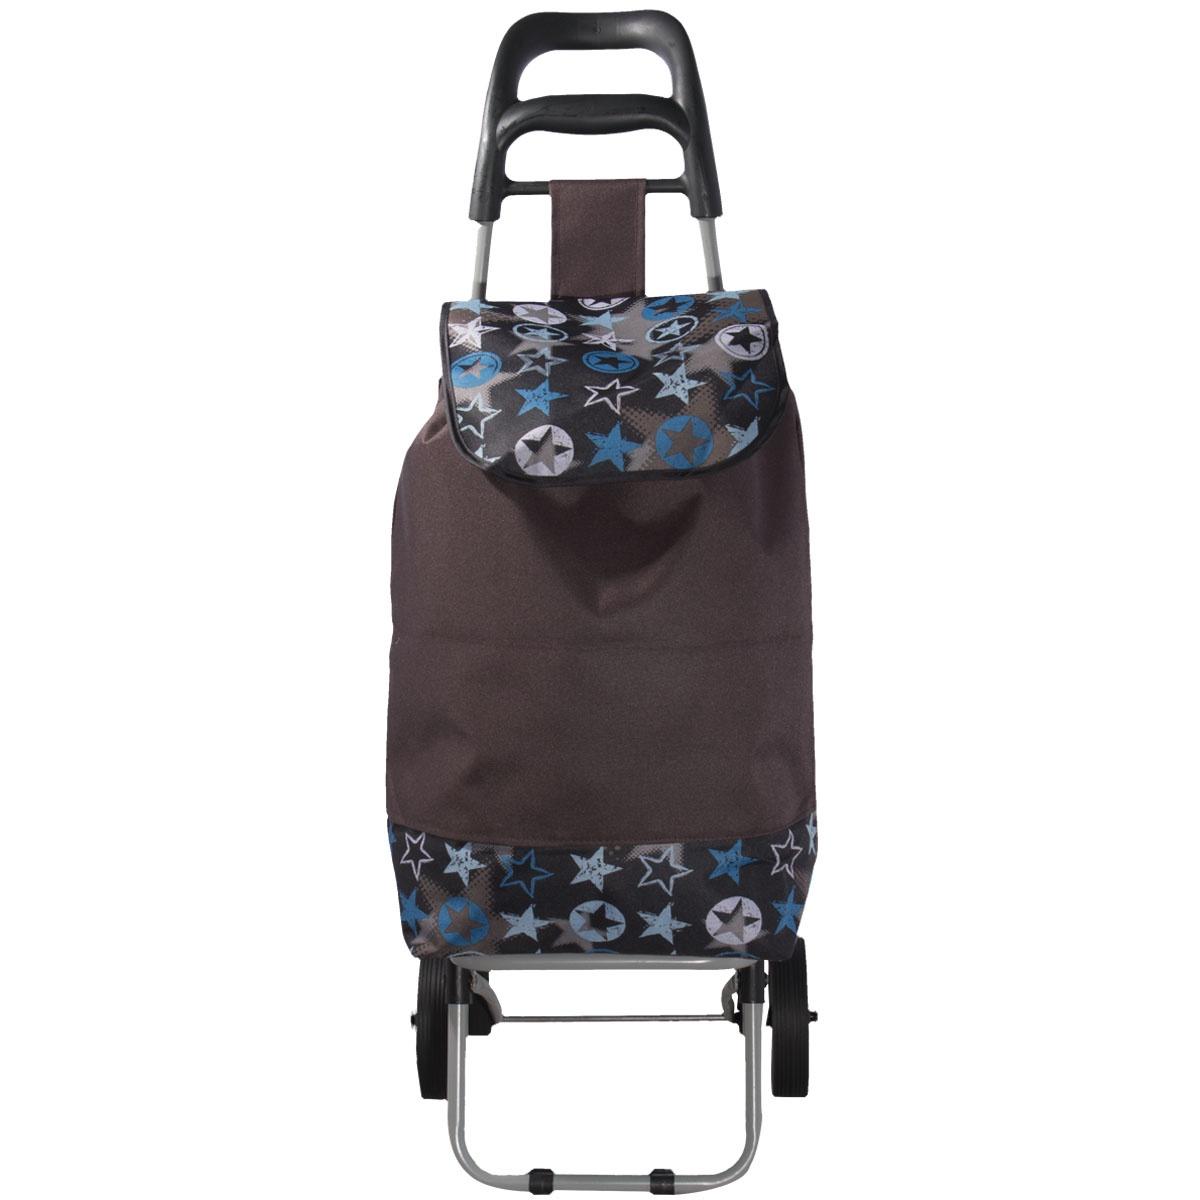 Сумка на колесах сумка тележка хозяйств на колесах с выдвижной ручкой раз сумки33х23х55 см клетка ассорти 4 цв